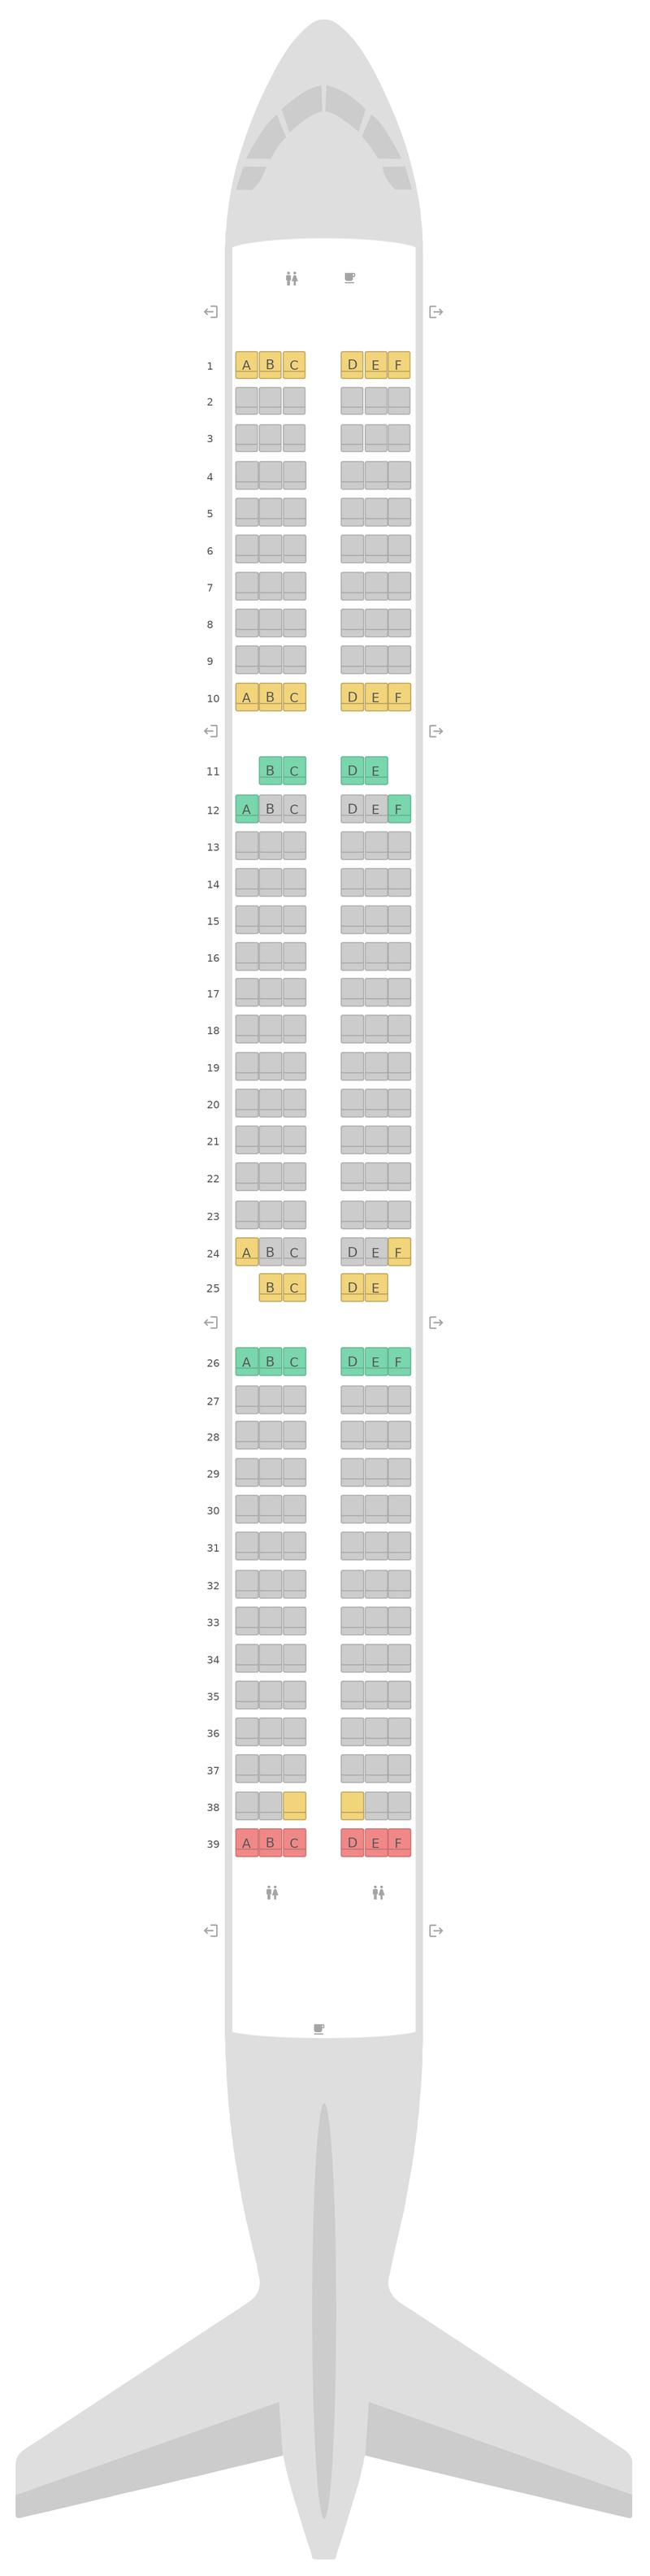 Sitzplan Airbus A321 v2 Jetstar Airways